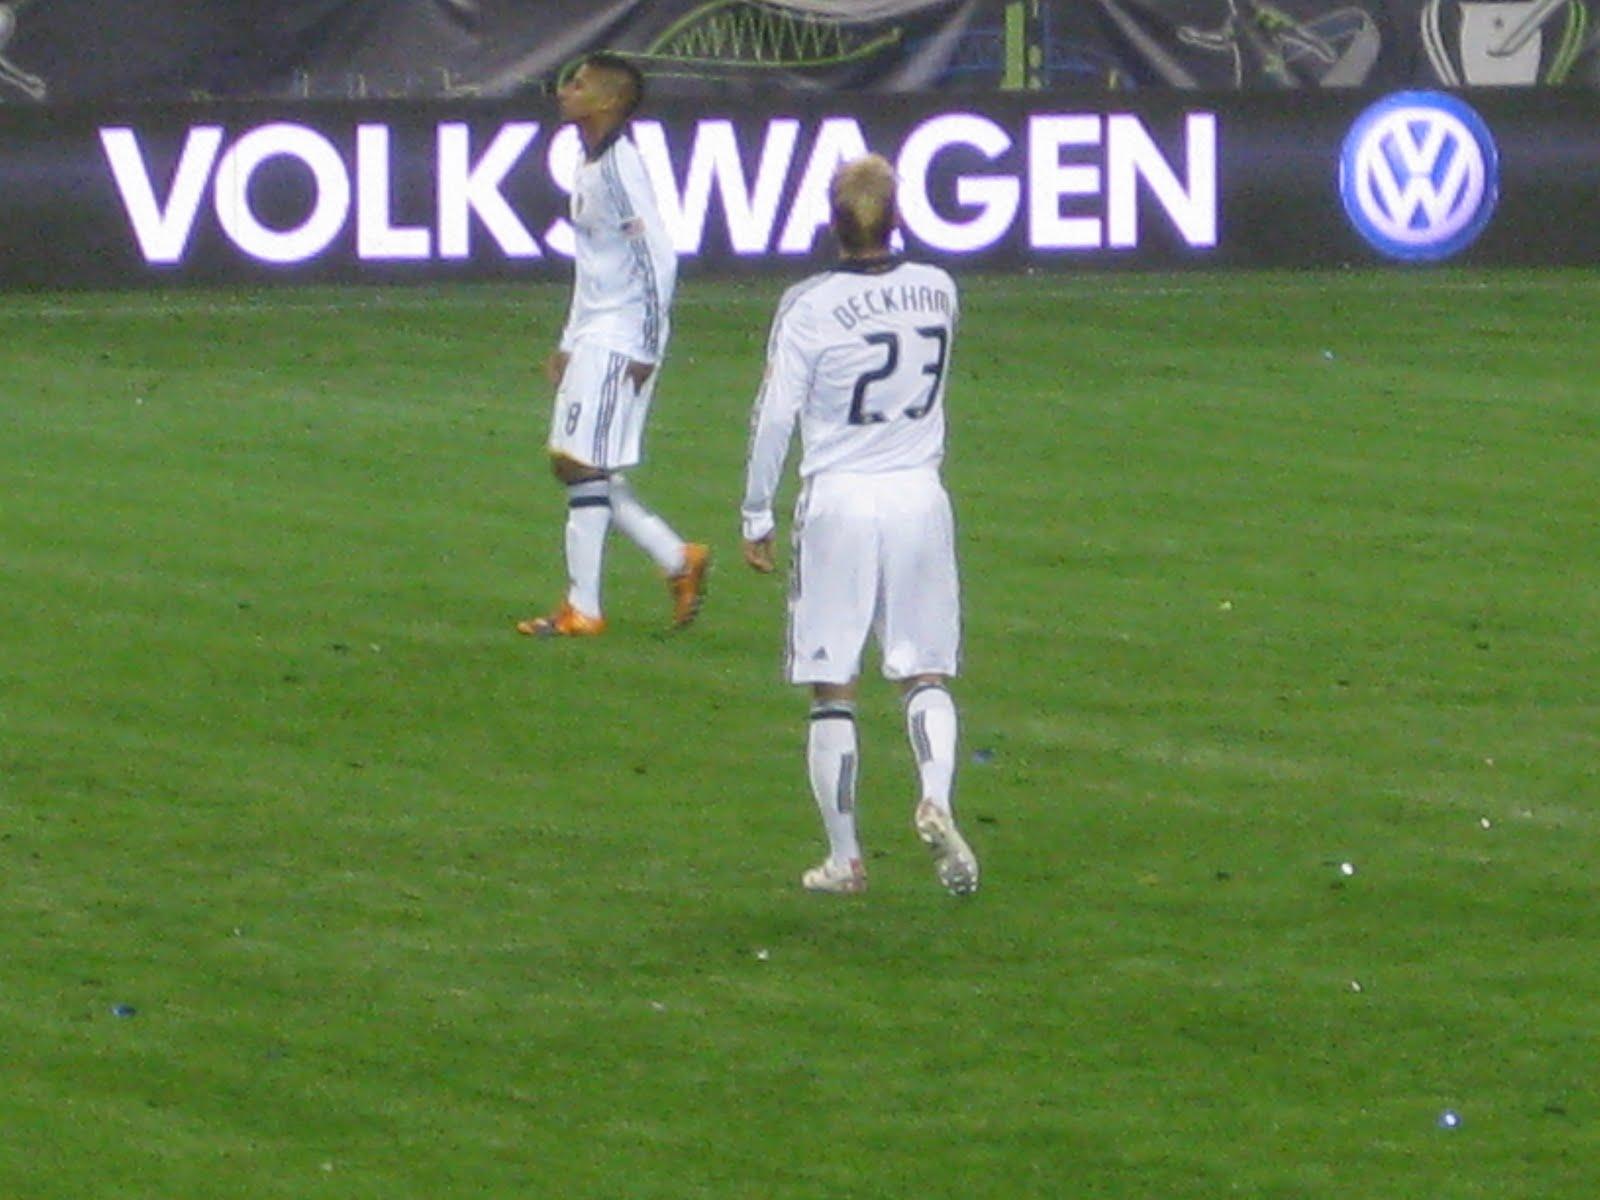 http://3.bp.blogspot.com/_EvNJQbbUrRM/Swx_S81RawI/AAAAAAAAAMM/brqVv6u0aqw/s1600/MLS+Cup+023.jpg